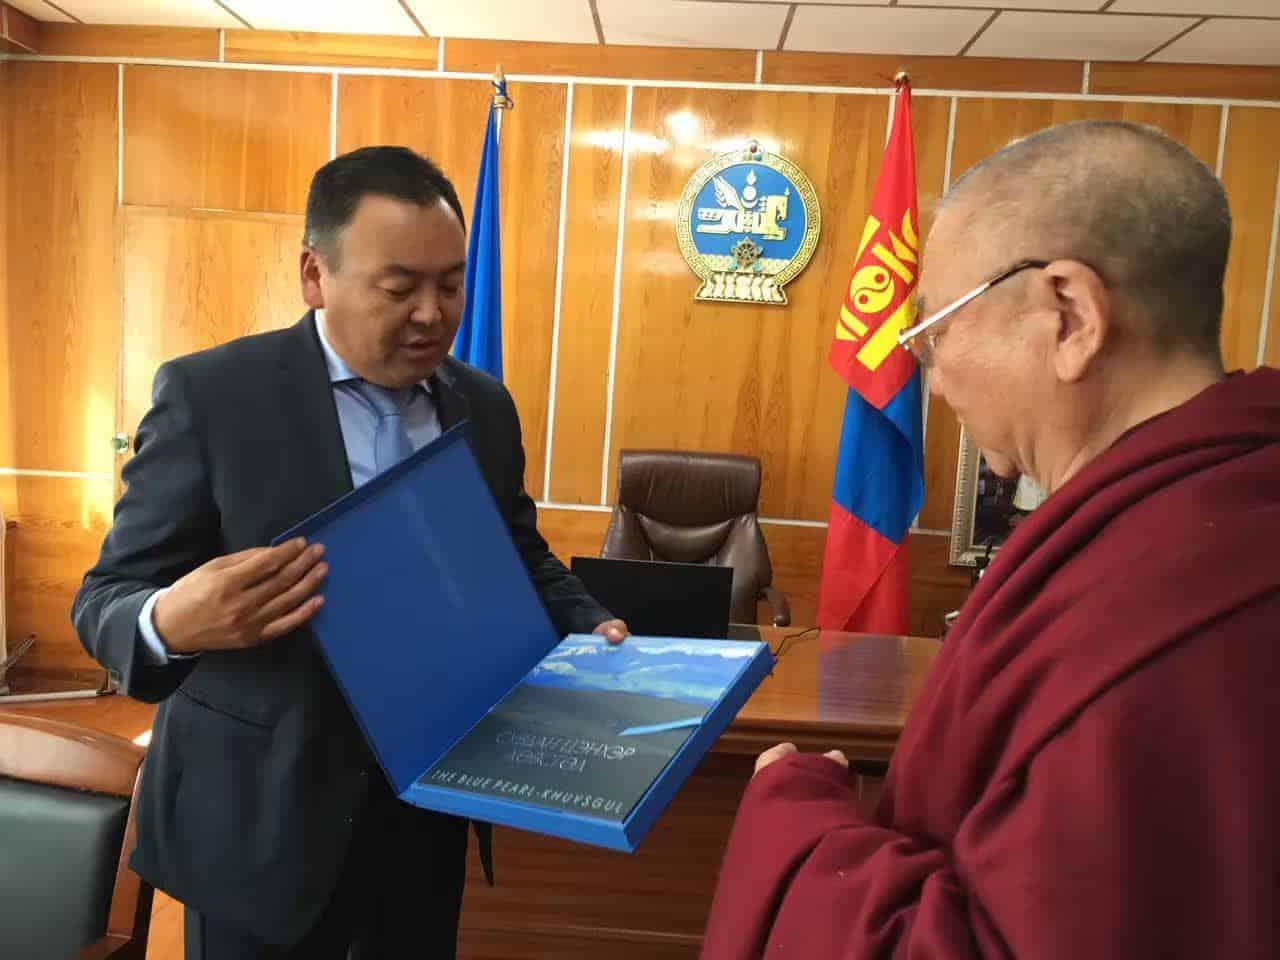 gosok-rinpoche-mongolia-2016-571e5fe93d87216222030eadeeaf646